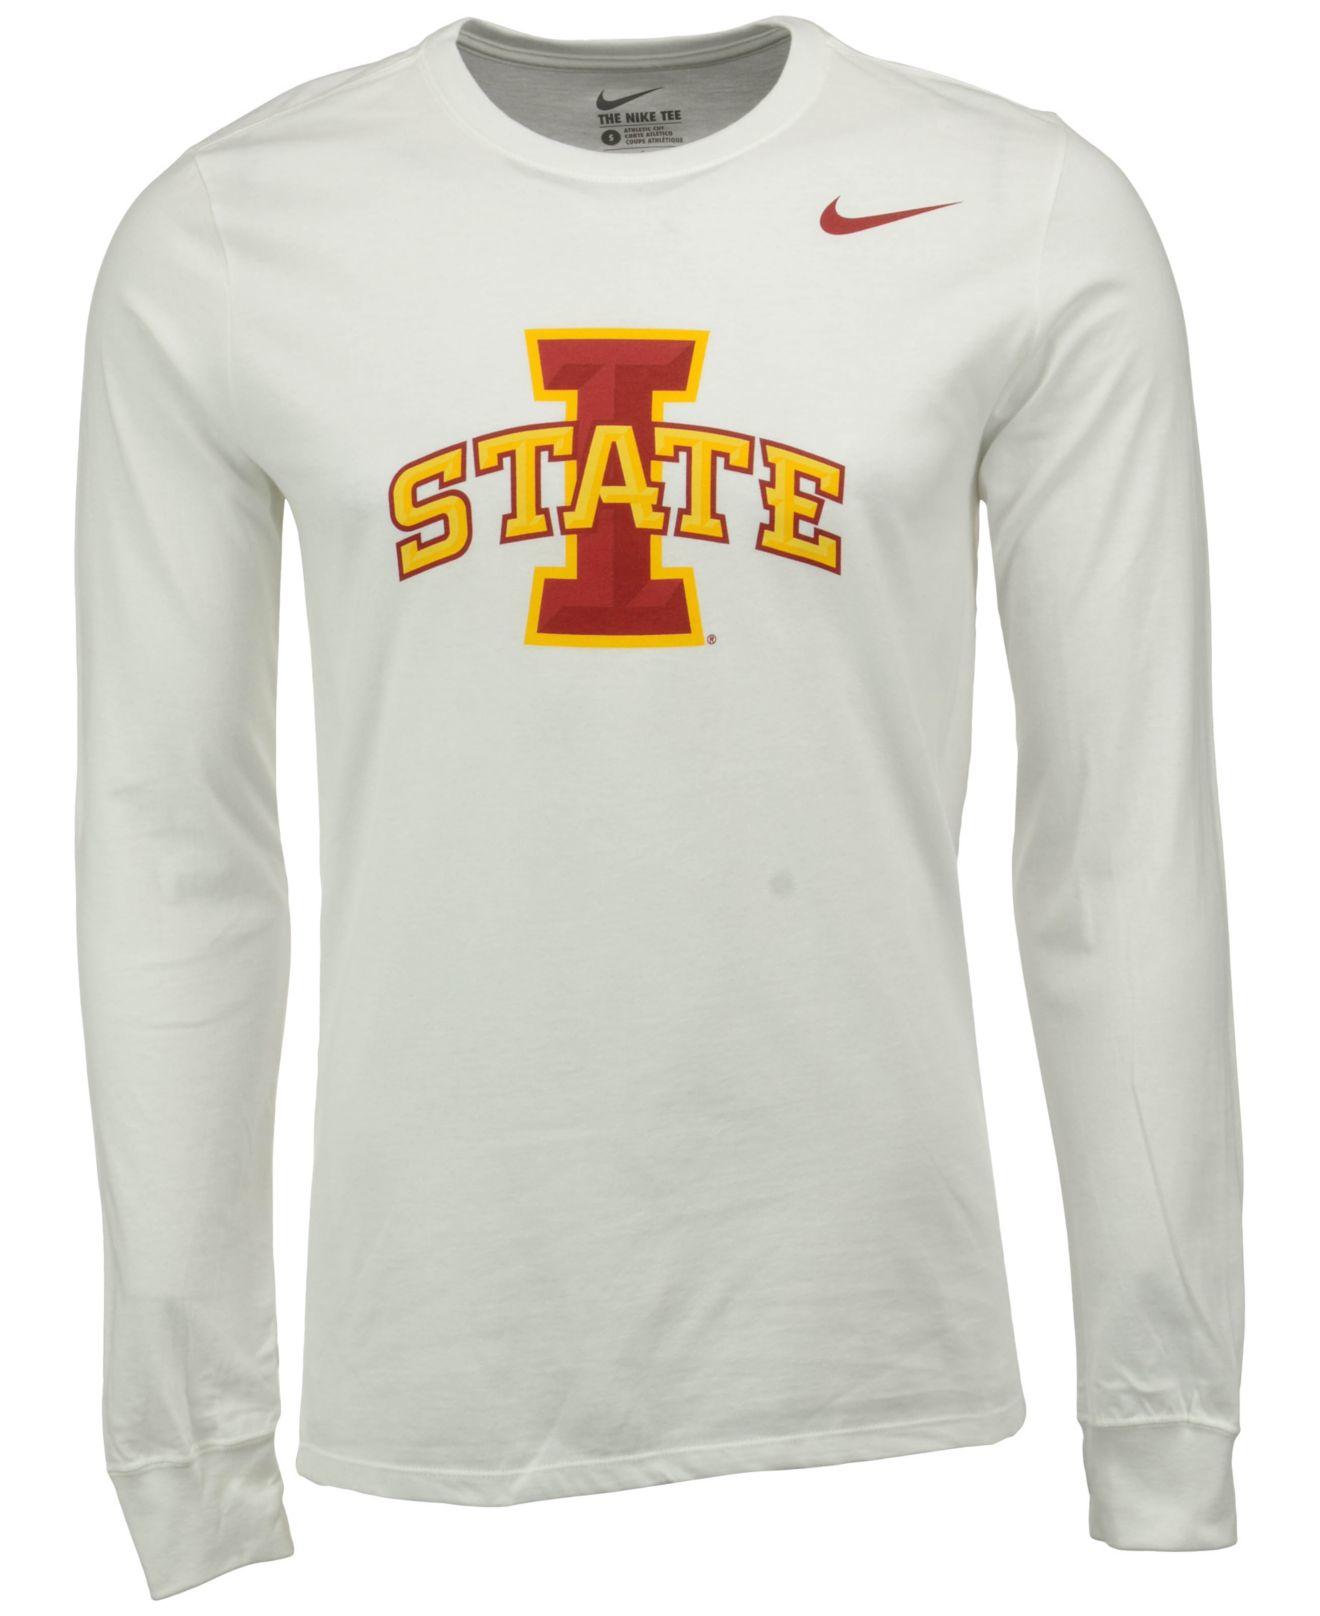 acb5923e Nike Men's Long-sleeve Iowa State Cyclones Big Logo T-shirt in White ...